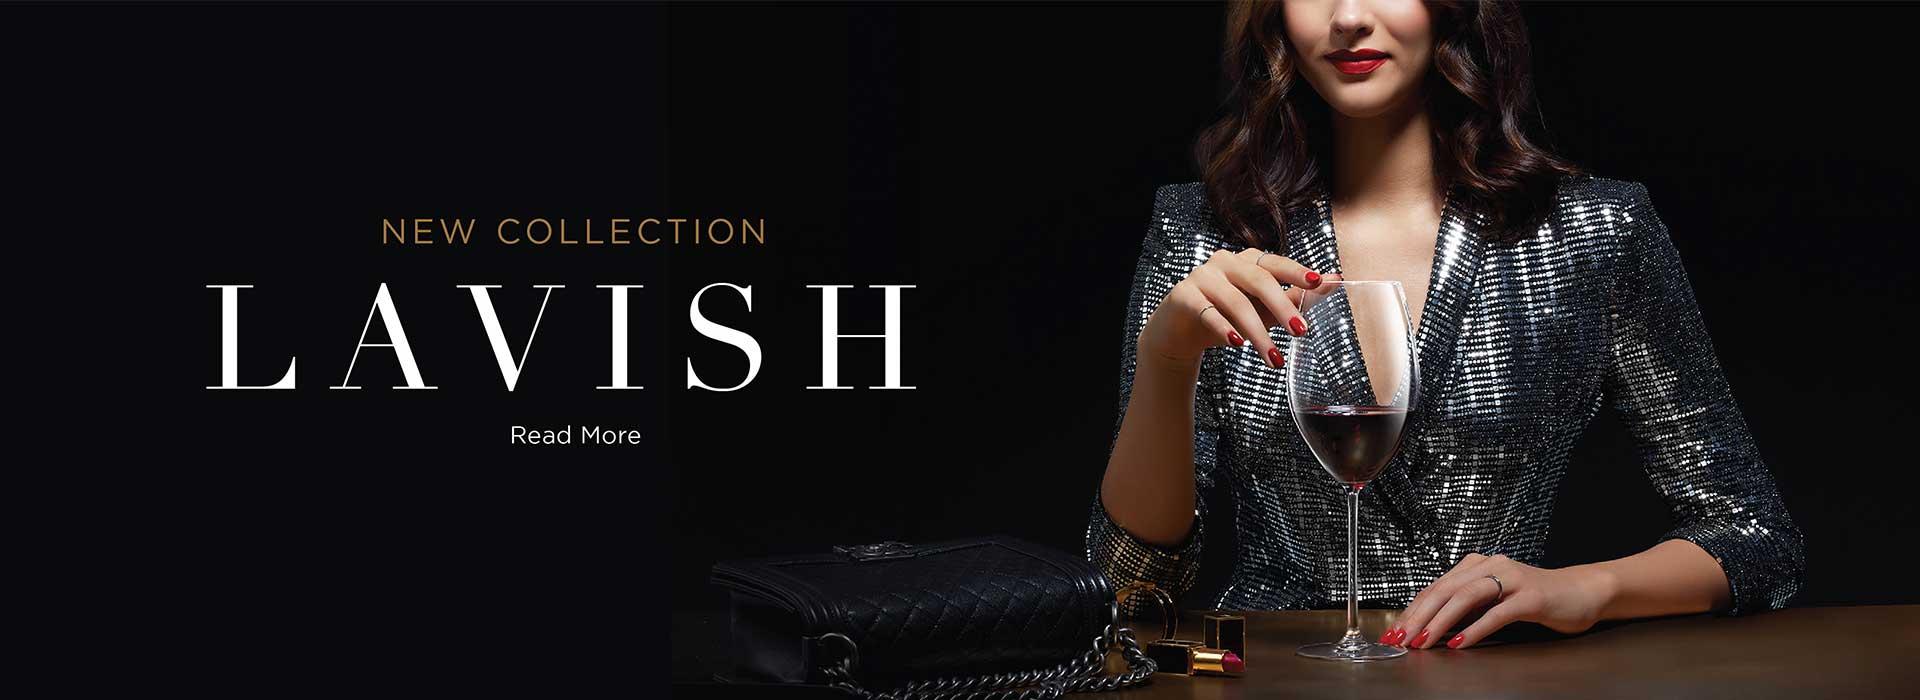 Lavish Collection